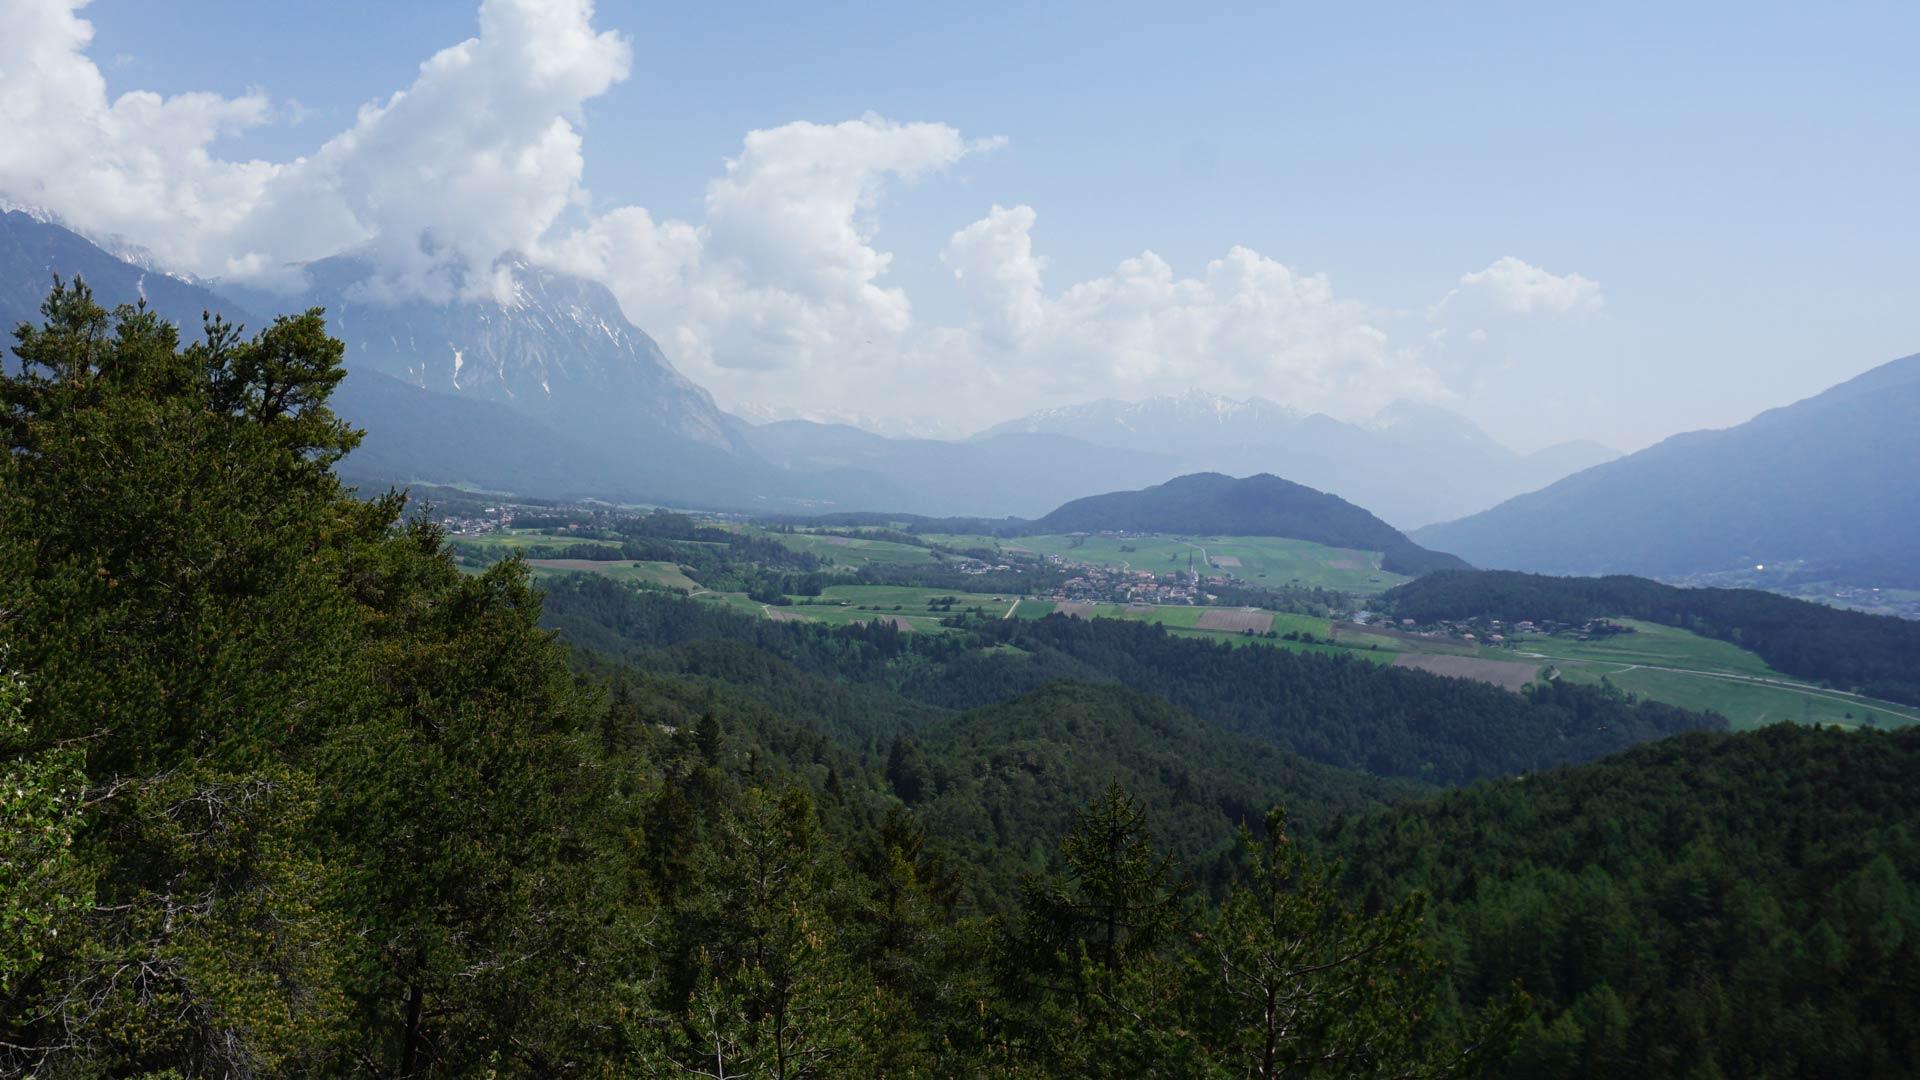 Schone Aussicht Weiler Thal Rundwanderung Am Mieminger Plateau